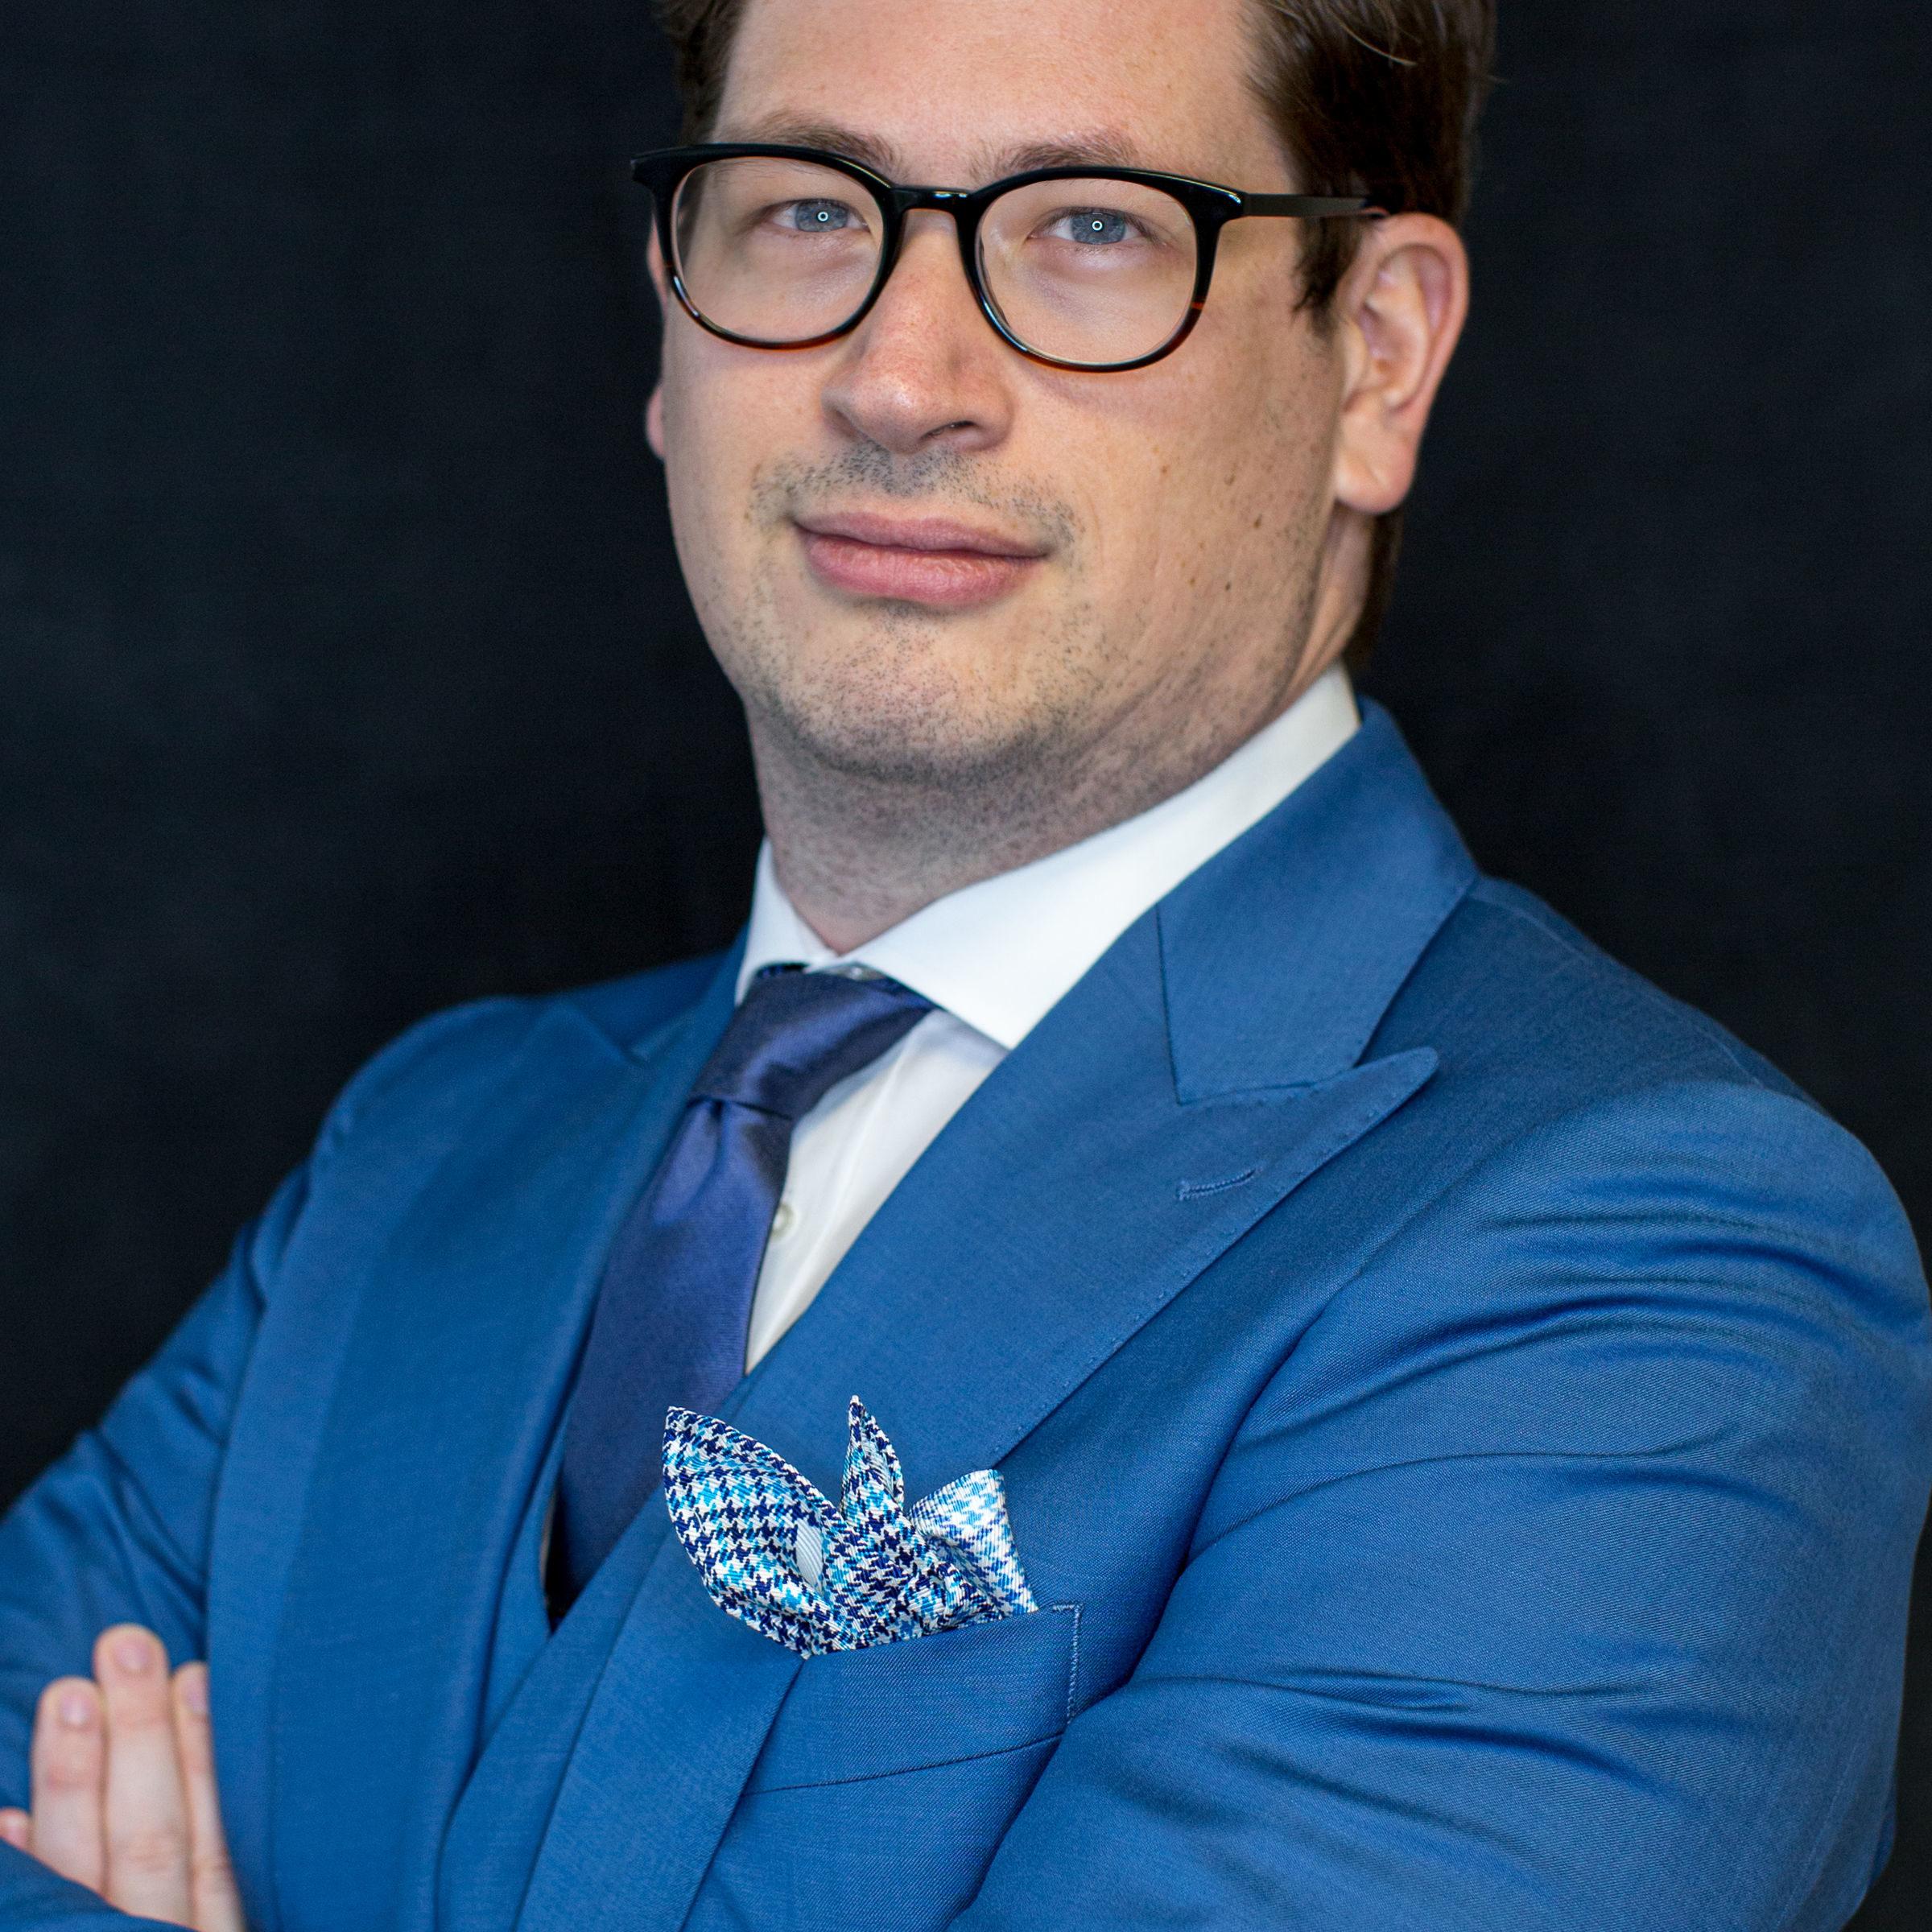 Seth Rutman